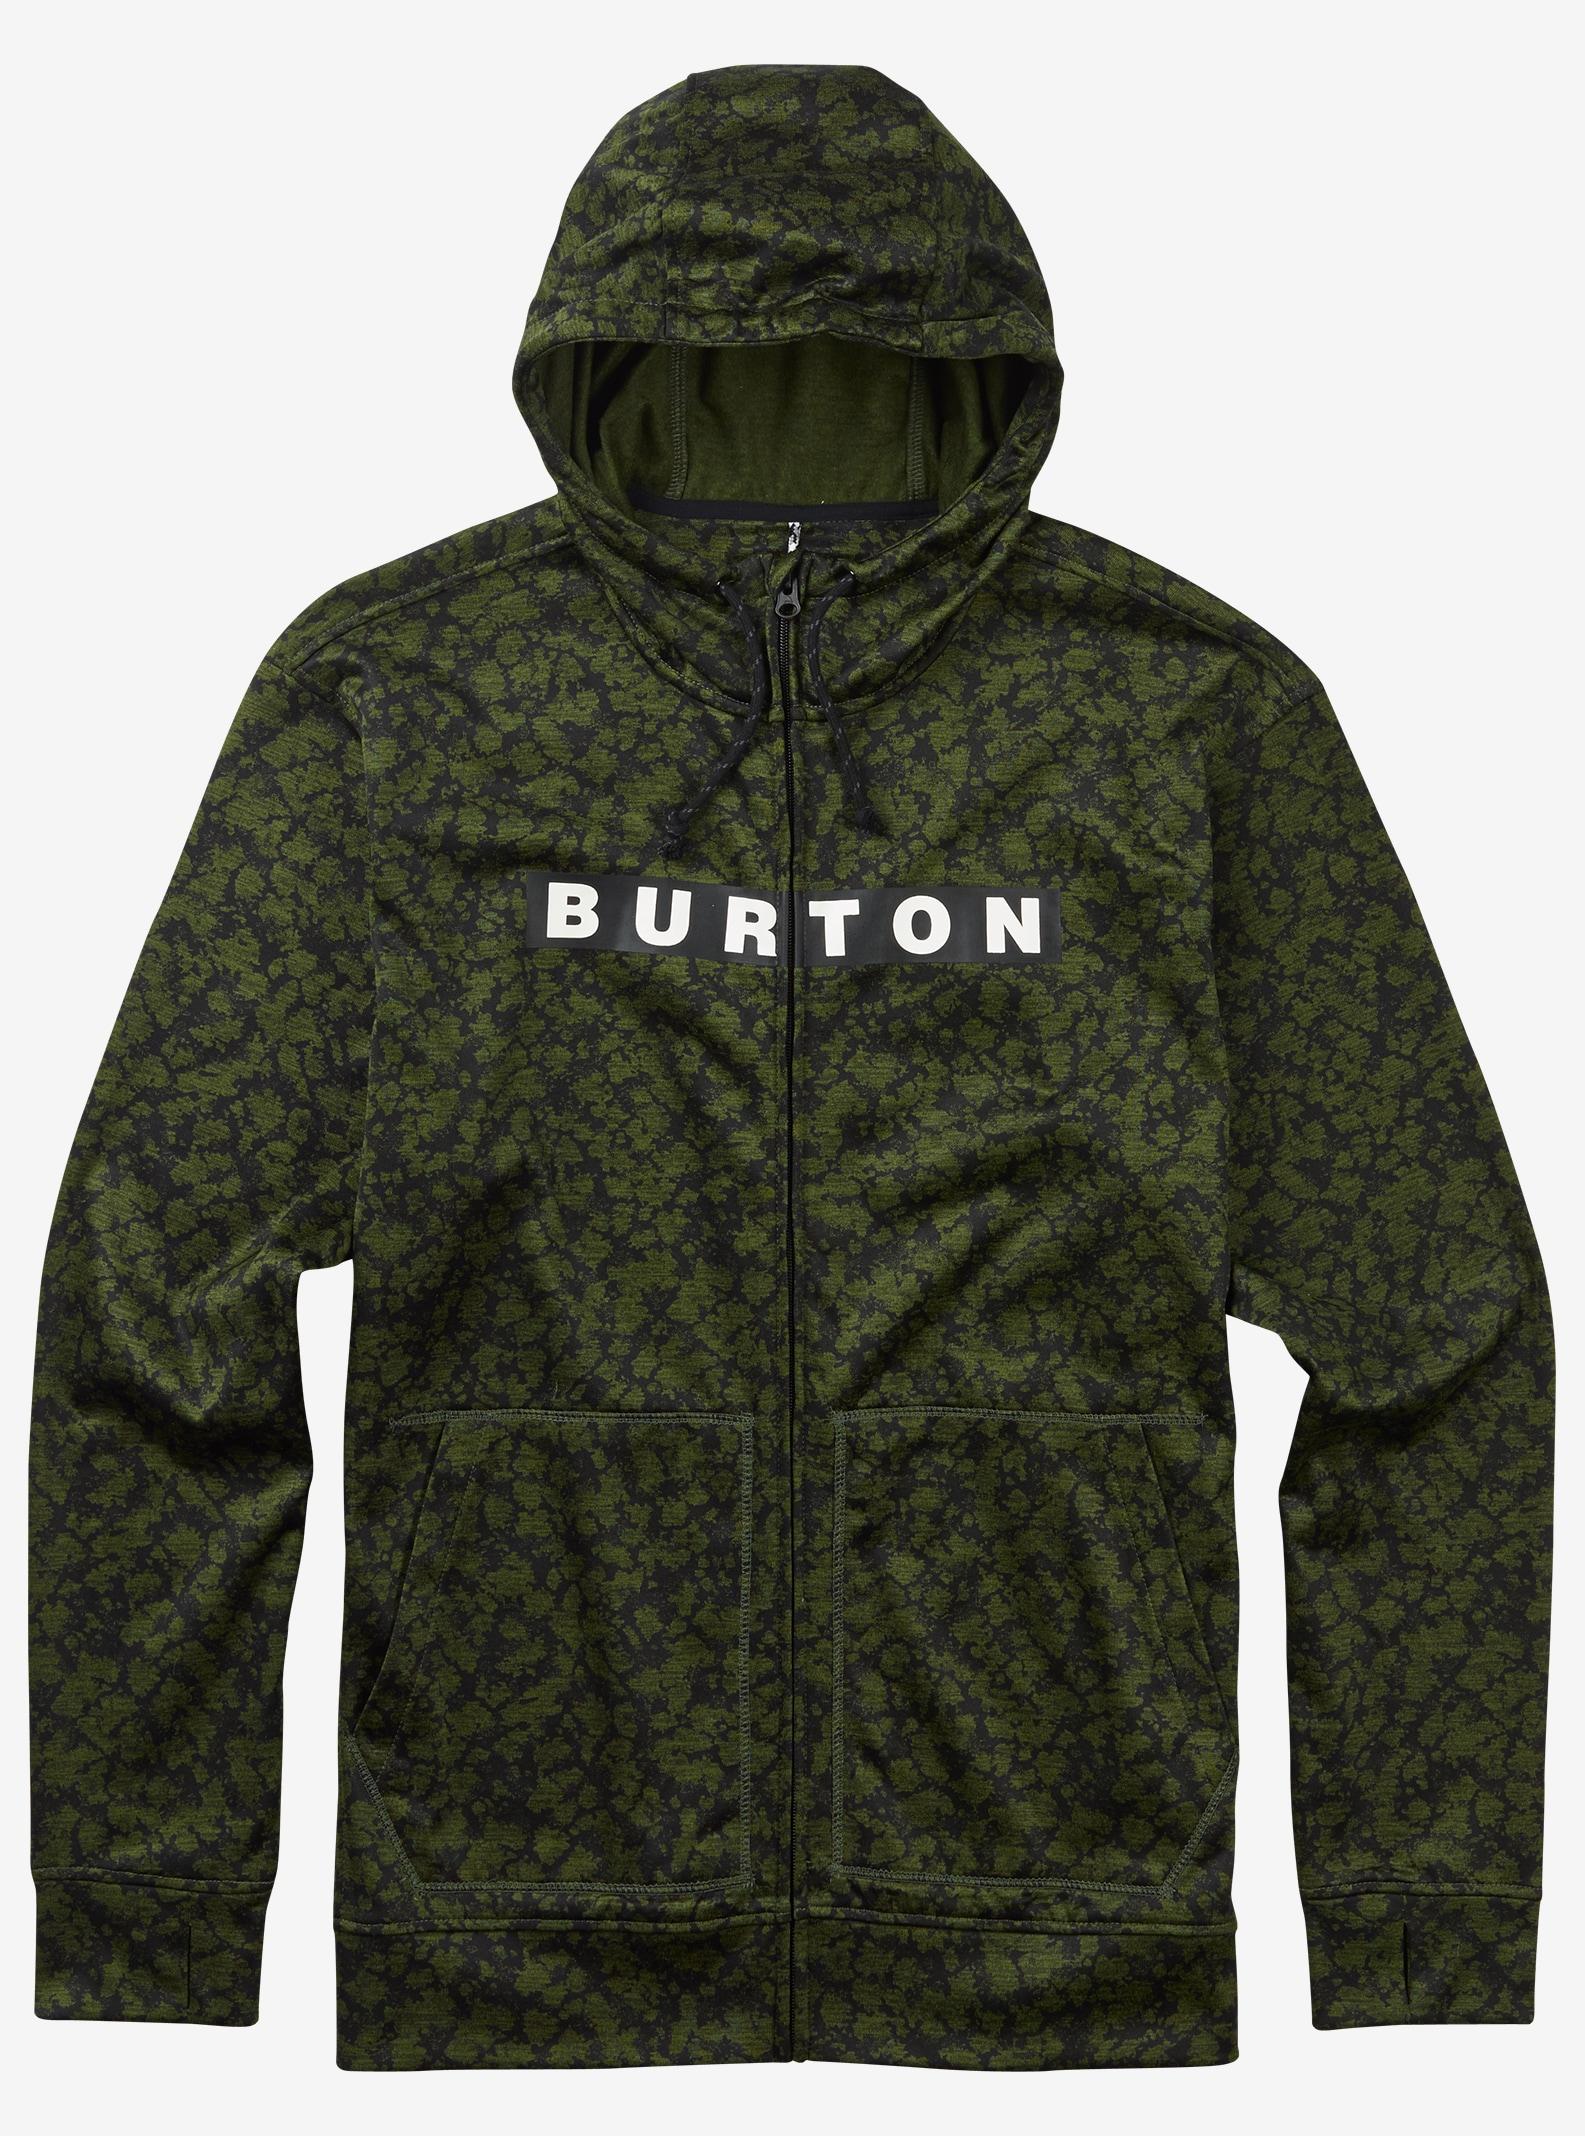 Burton Oak Full-Zip Hoodie shown in Rifle Green Mossglenn